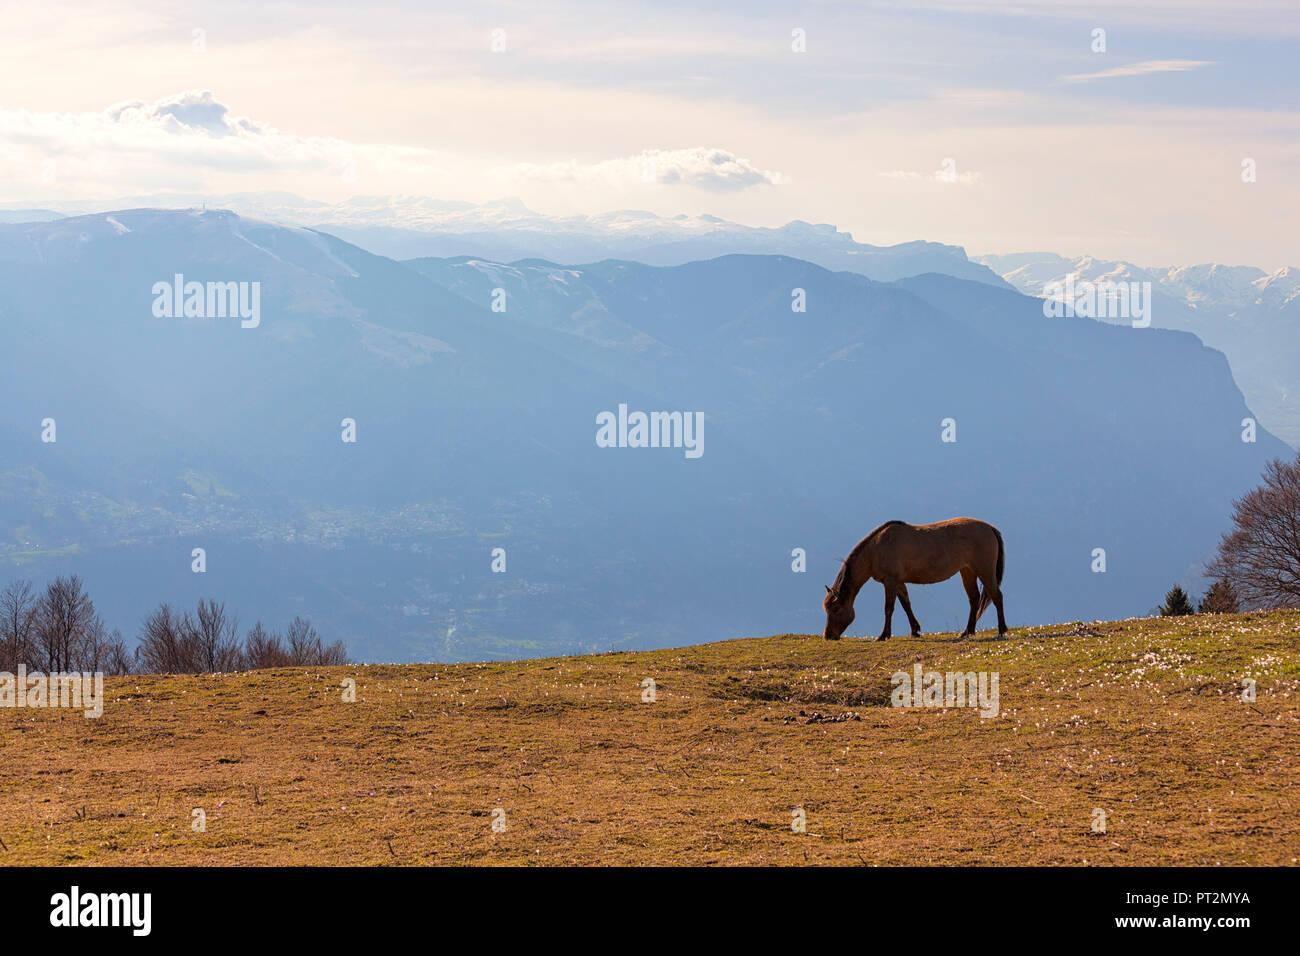 Cavallo giornate di pascolo su alpeggi della Val Tosella Alm con Altopiano dei Sette Comuni sullo sfondo il Monte Grappa, Prealpi Bellunesi, Seren del Grappa, provincia di Belluno, Veneto, Italia, Immagini Stock